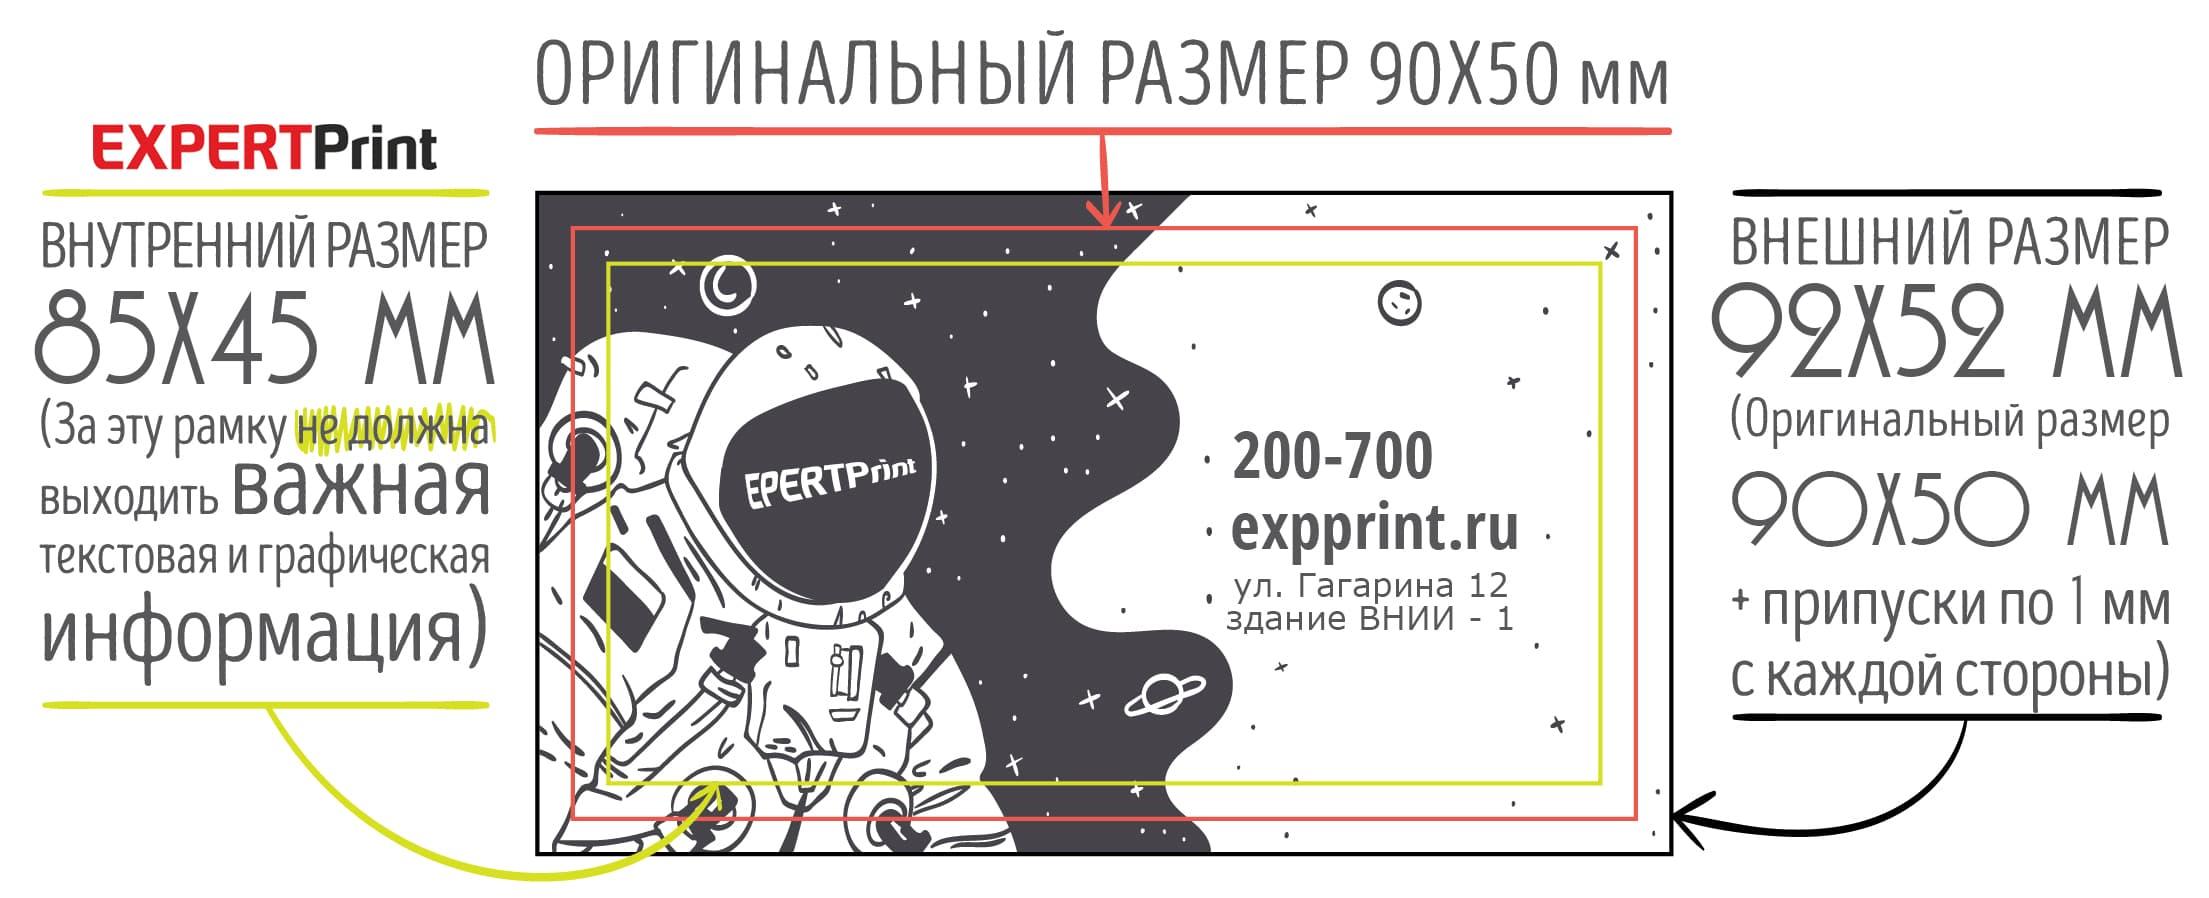 Пример обрезного поля визитки